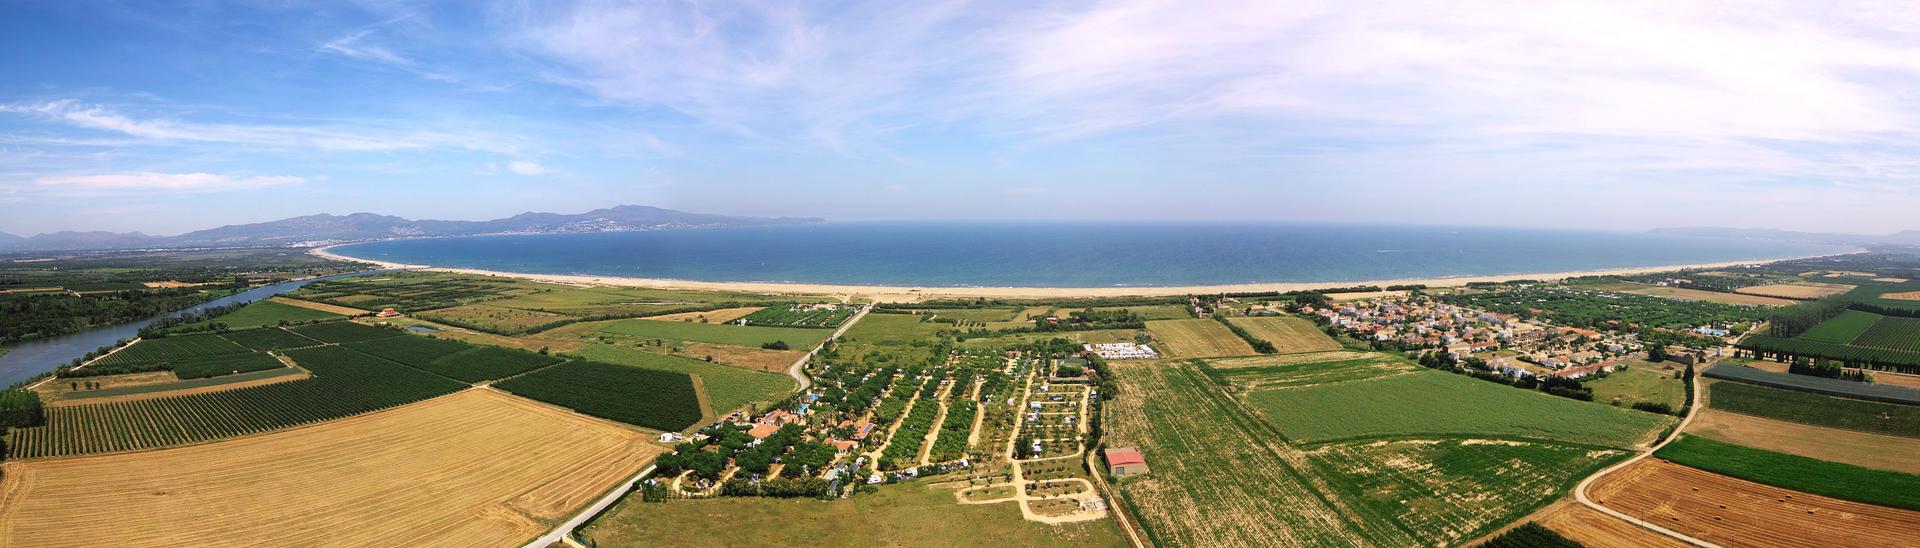 Spanje-Sant%20Pere%20Pescador-Camping%20Las%20Palmeras-ExtraLarge Campings Spanje